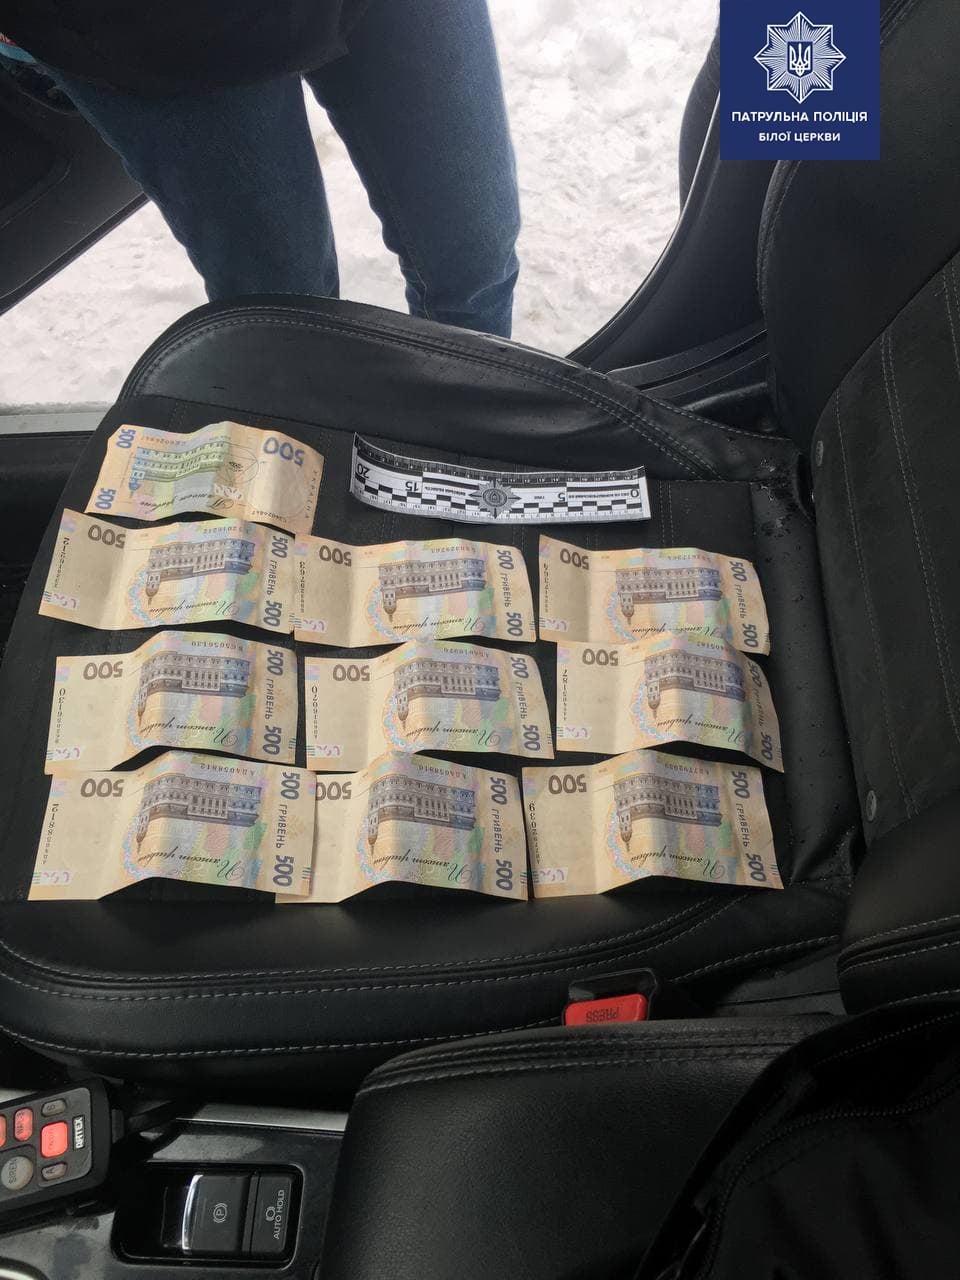 Хотів відкупитись: 5000 грн пропонував патрульним водій «під кайфом» у Білій Церкві - хабар, Патрульна поліція Білої Церкви, наркотики, Гроші - 143...